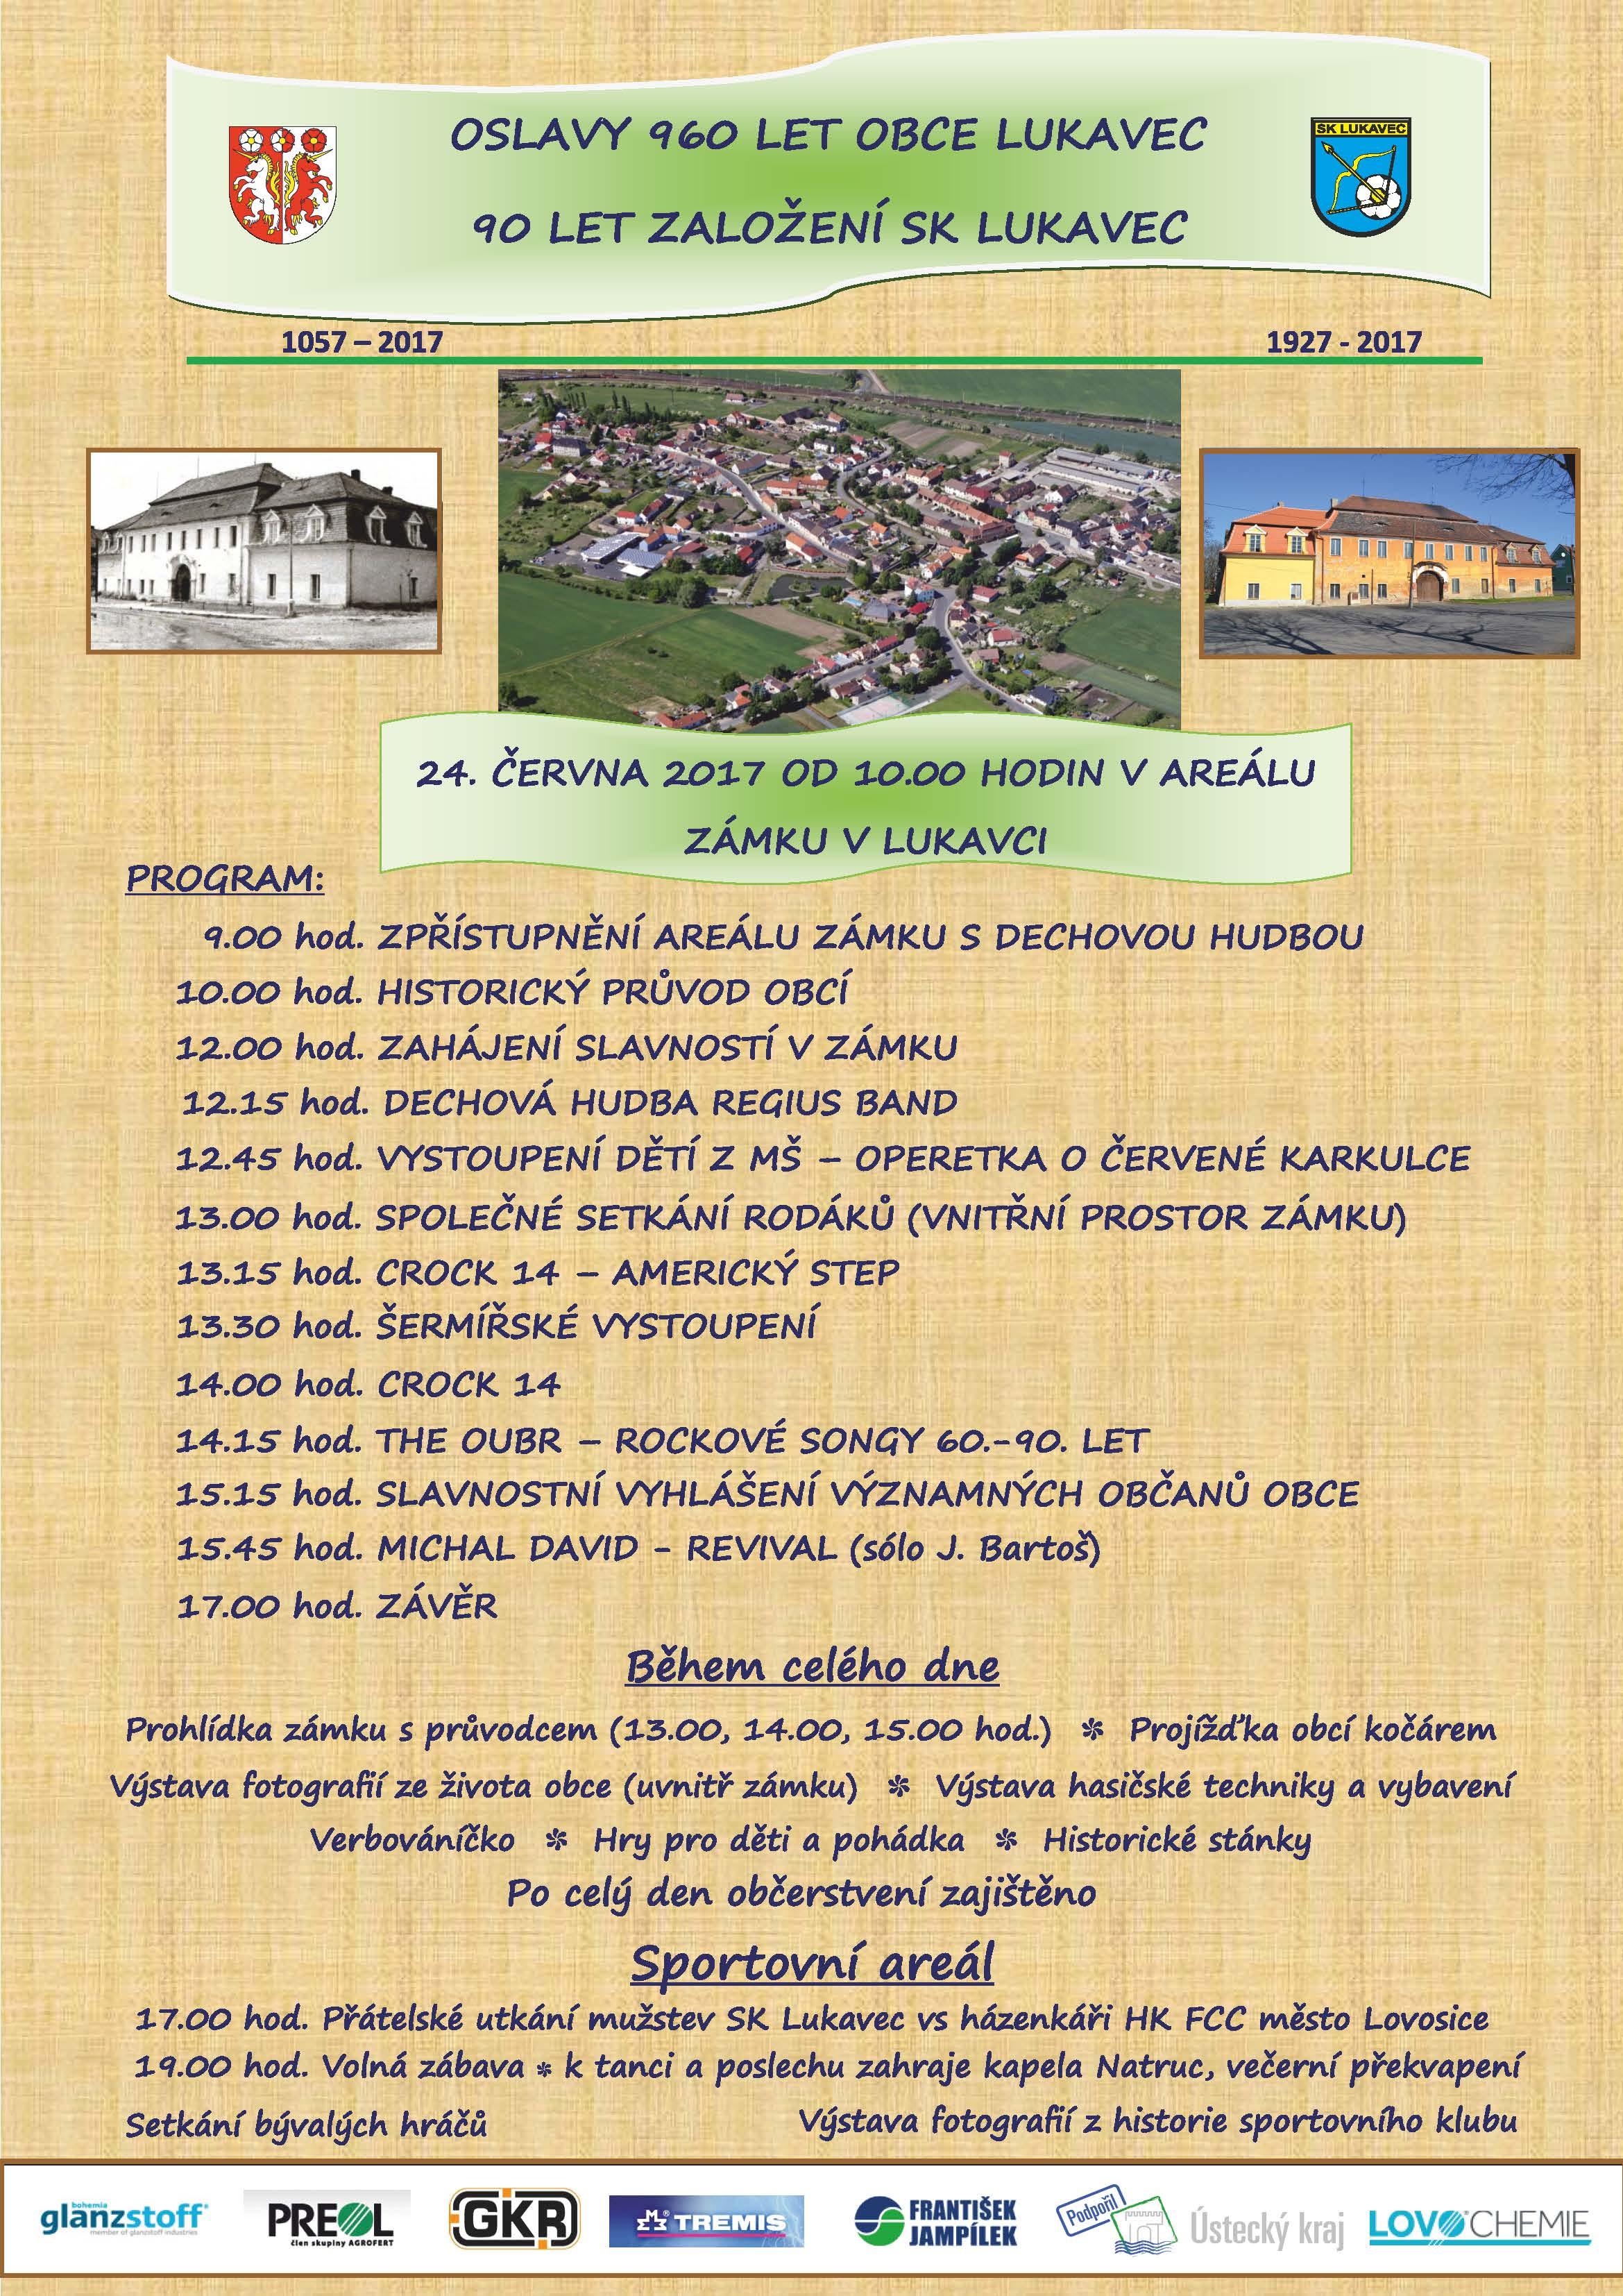 Výročí obce Lukavec 960 let